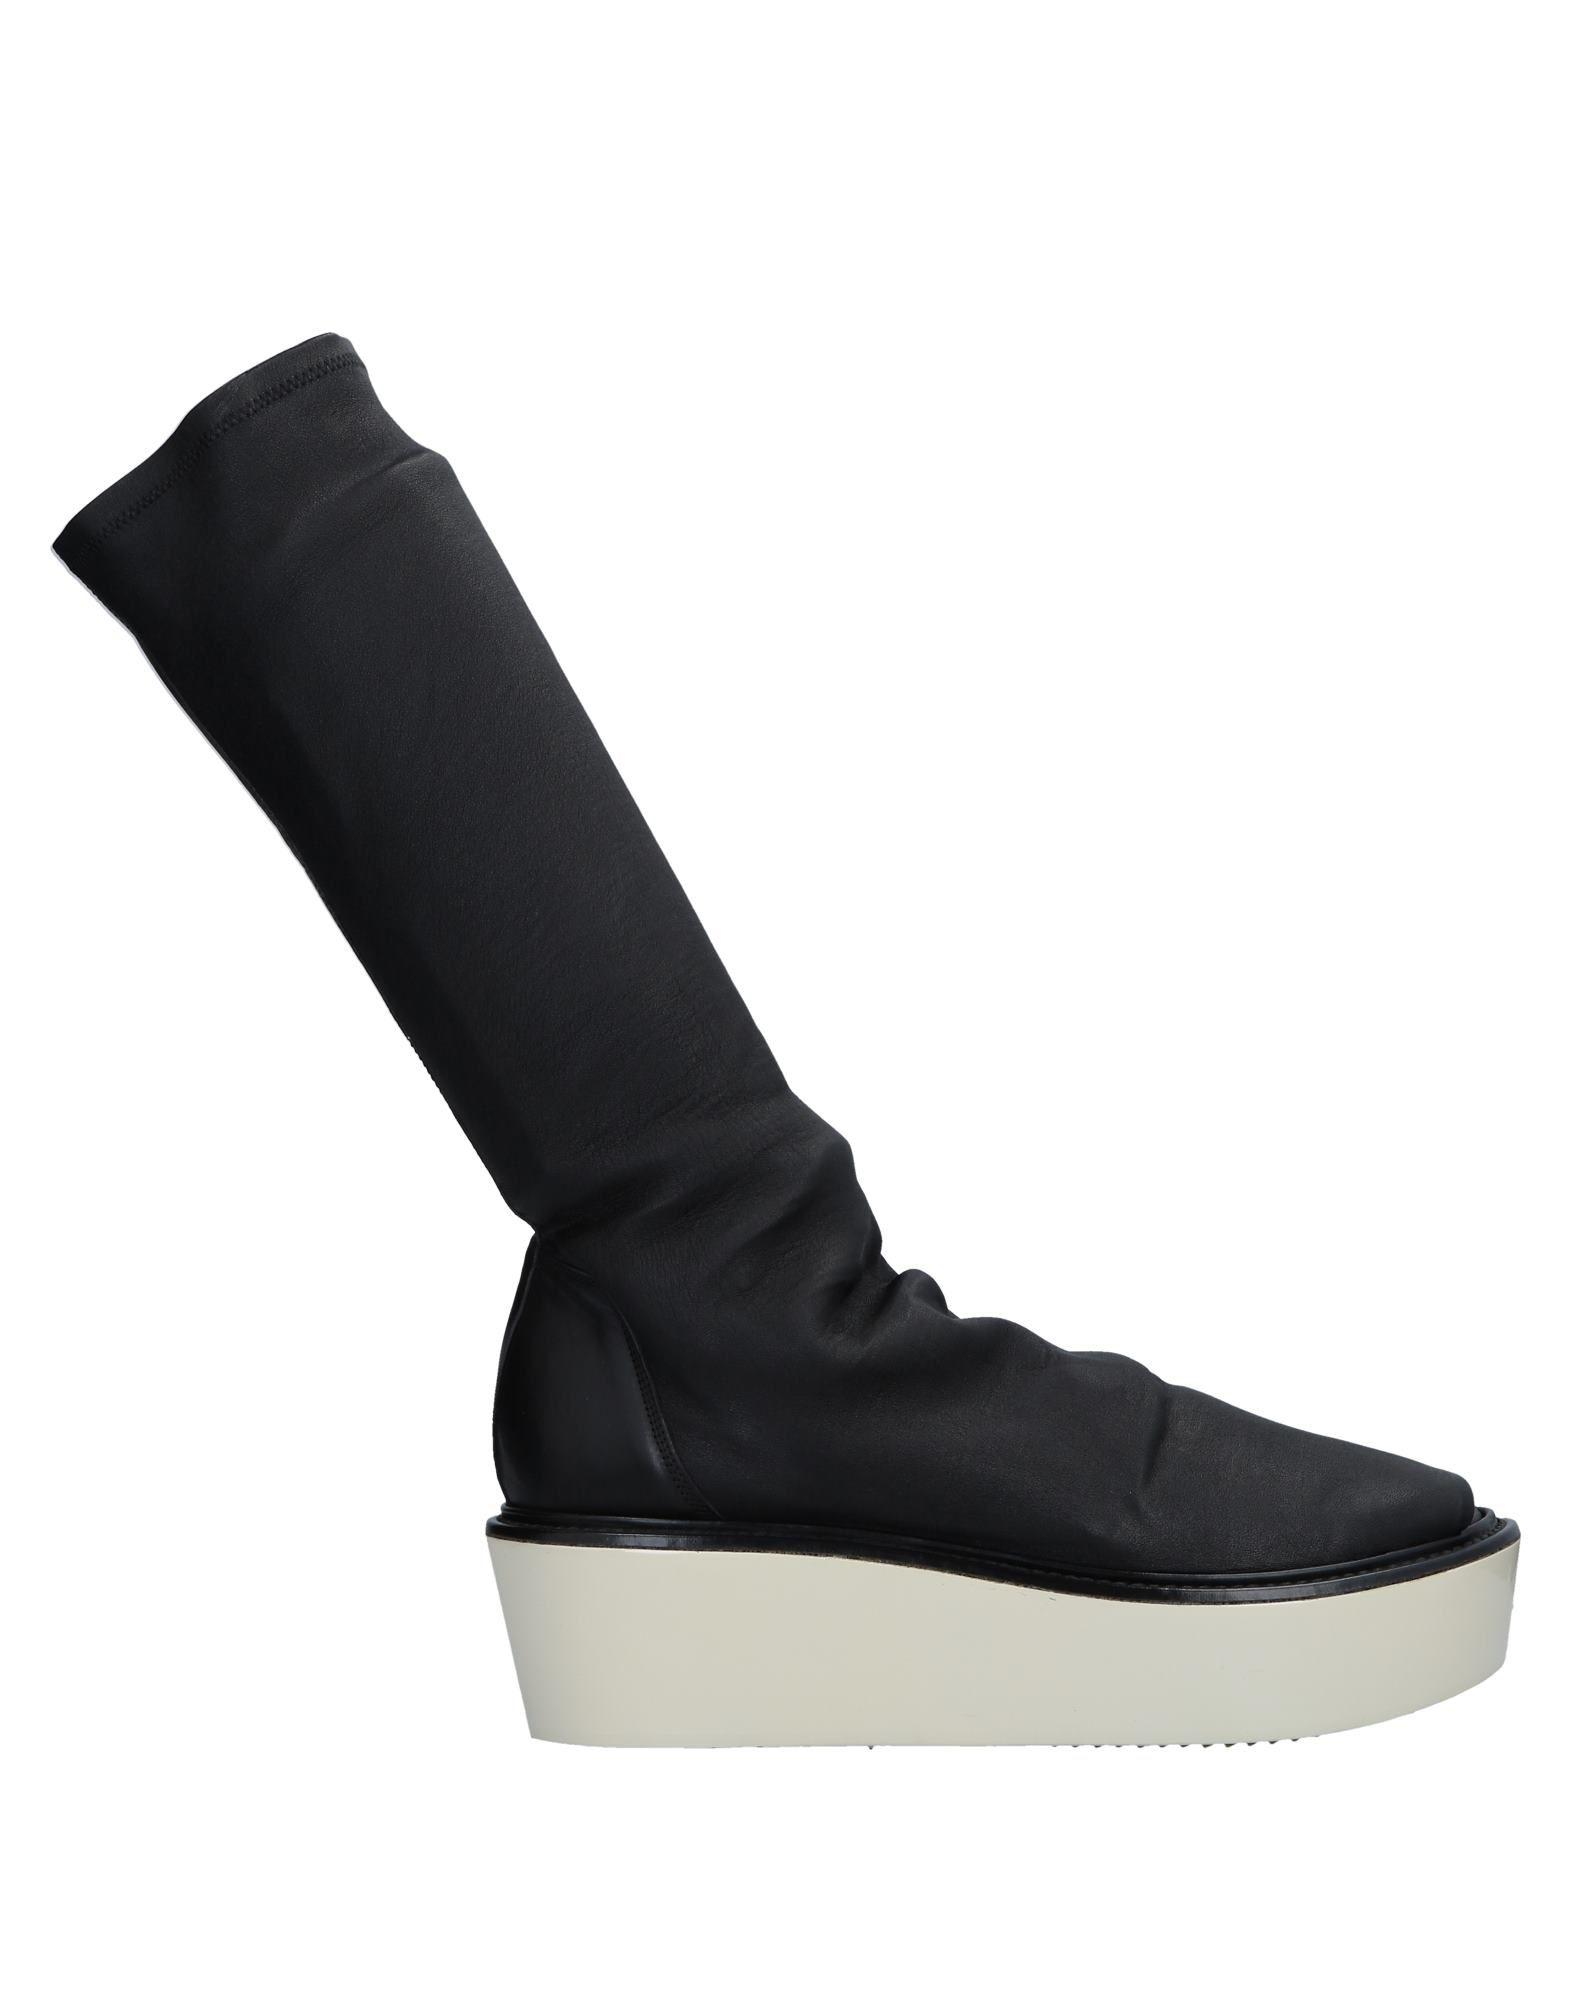 Rick Owens Stiefelette Herren  11519974GF Gute Qualität beliebte Schuhe